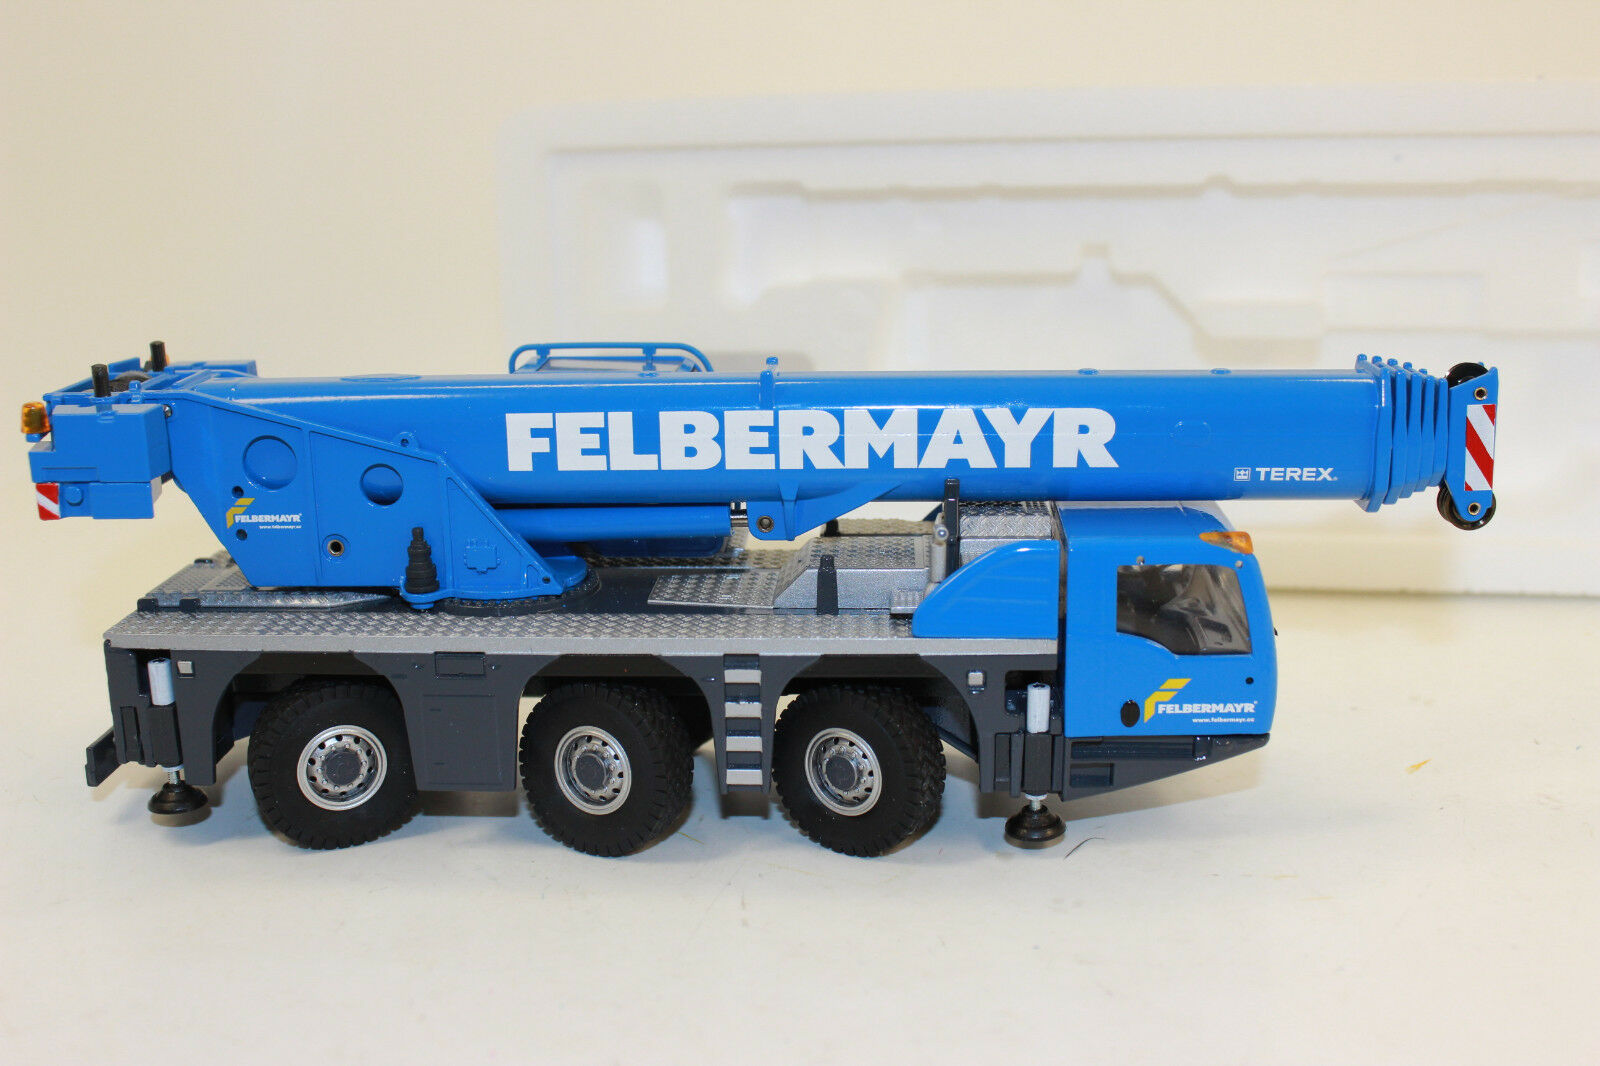 Conrad 2116 02 Terex 3160 Challenger Mobilkran Felbermayr Felbermayr Felbermayr 1 50 NEU in OVP 1f12b7